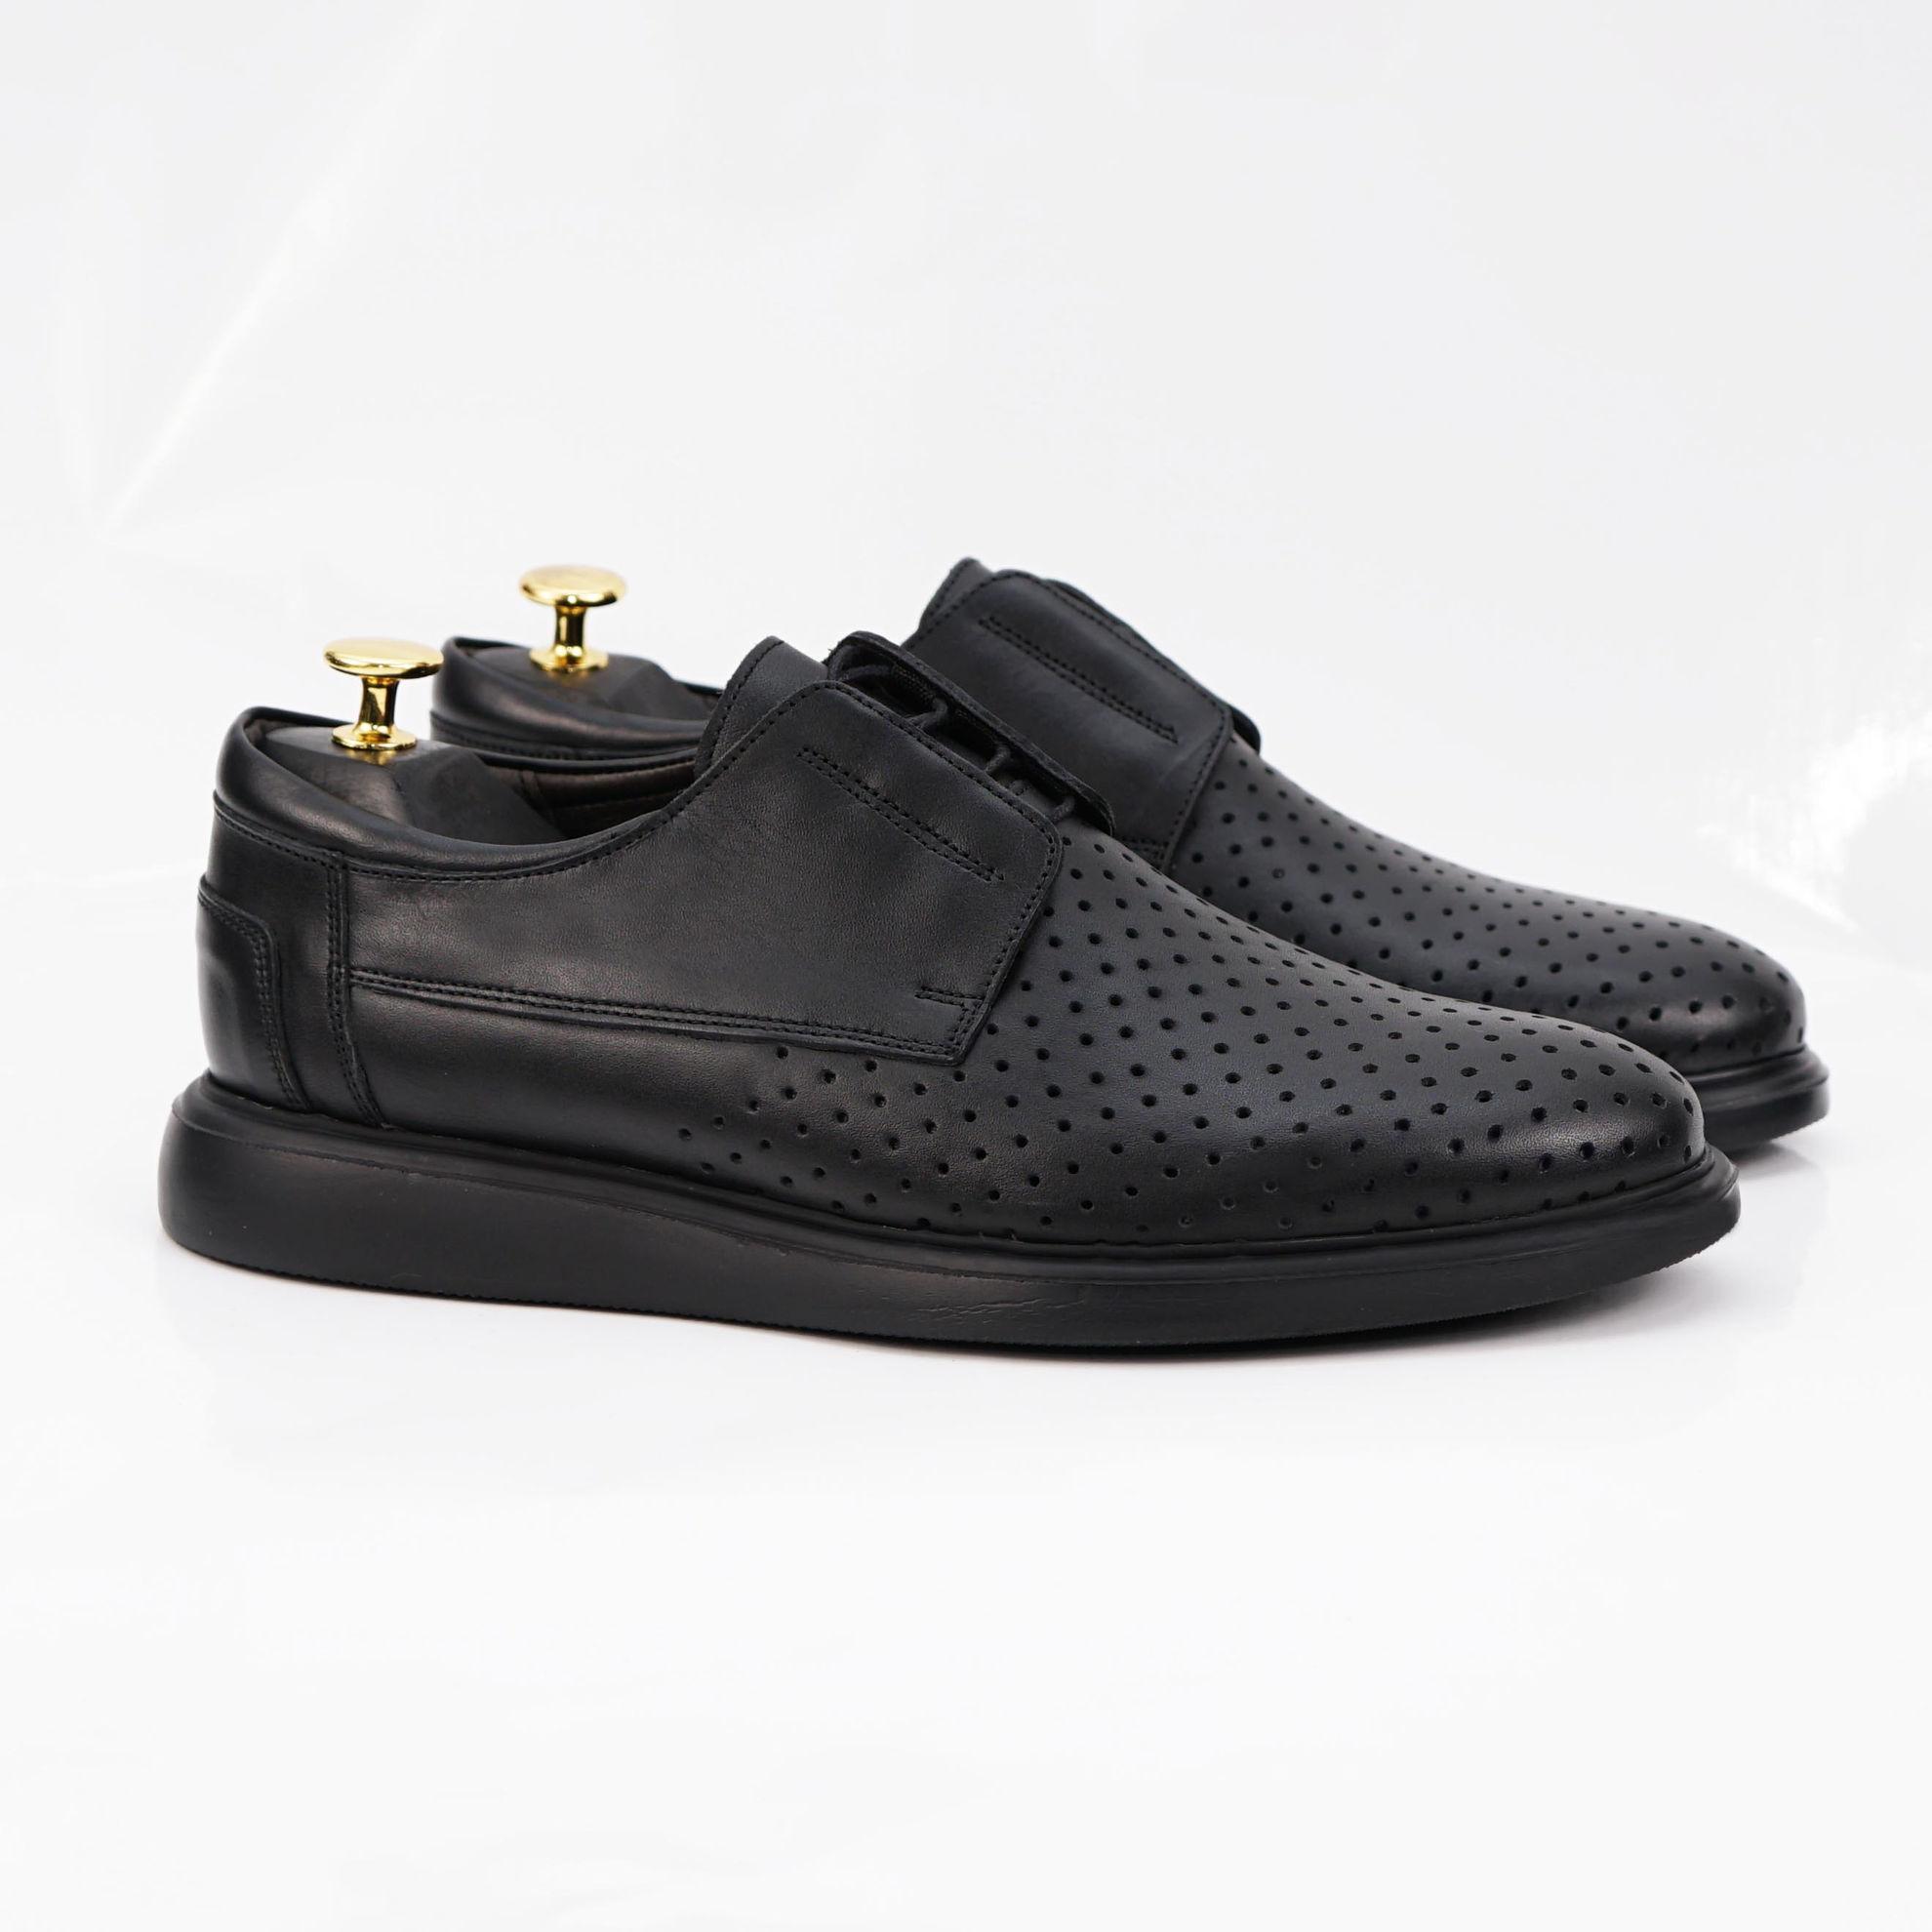 Imagine Pantofi casual bărbați piele naturală 558 G negru 1013